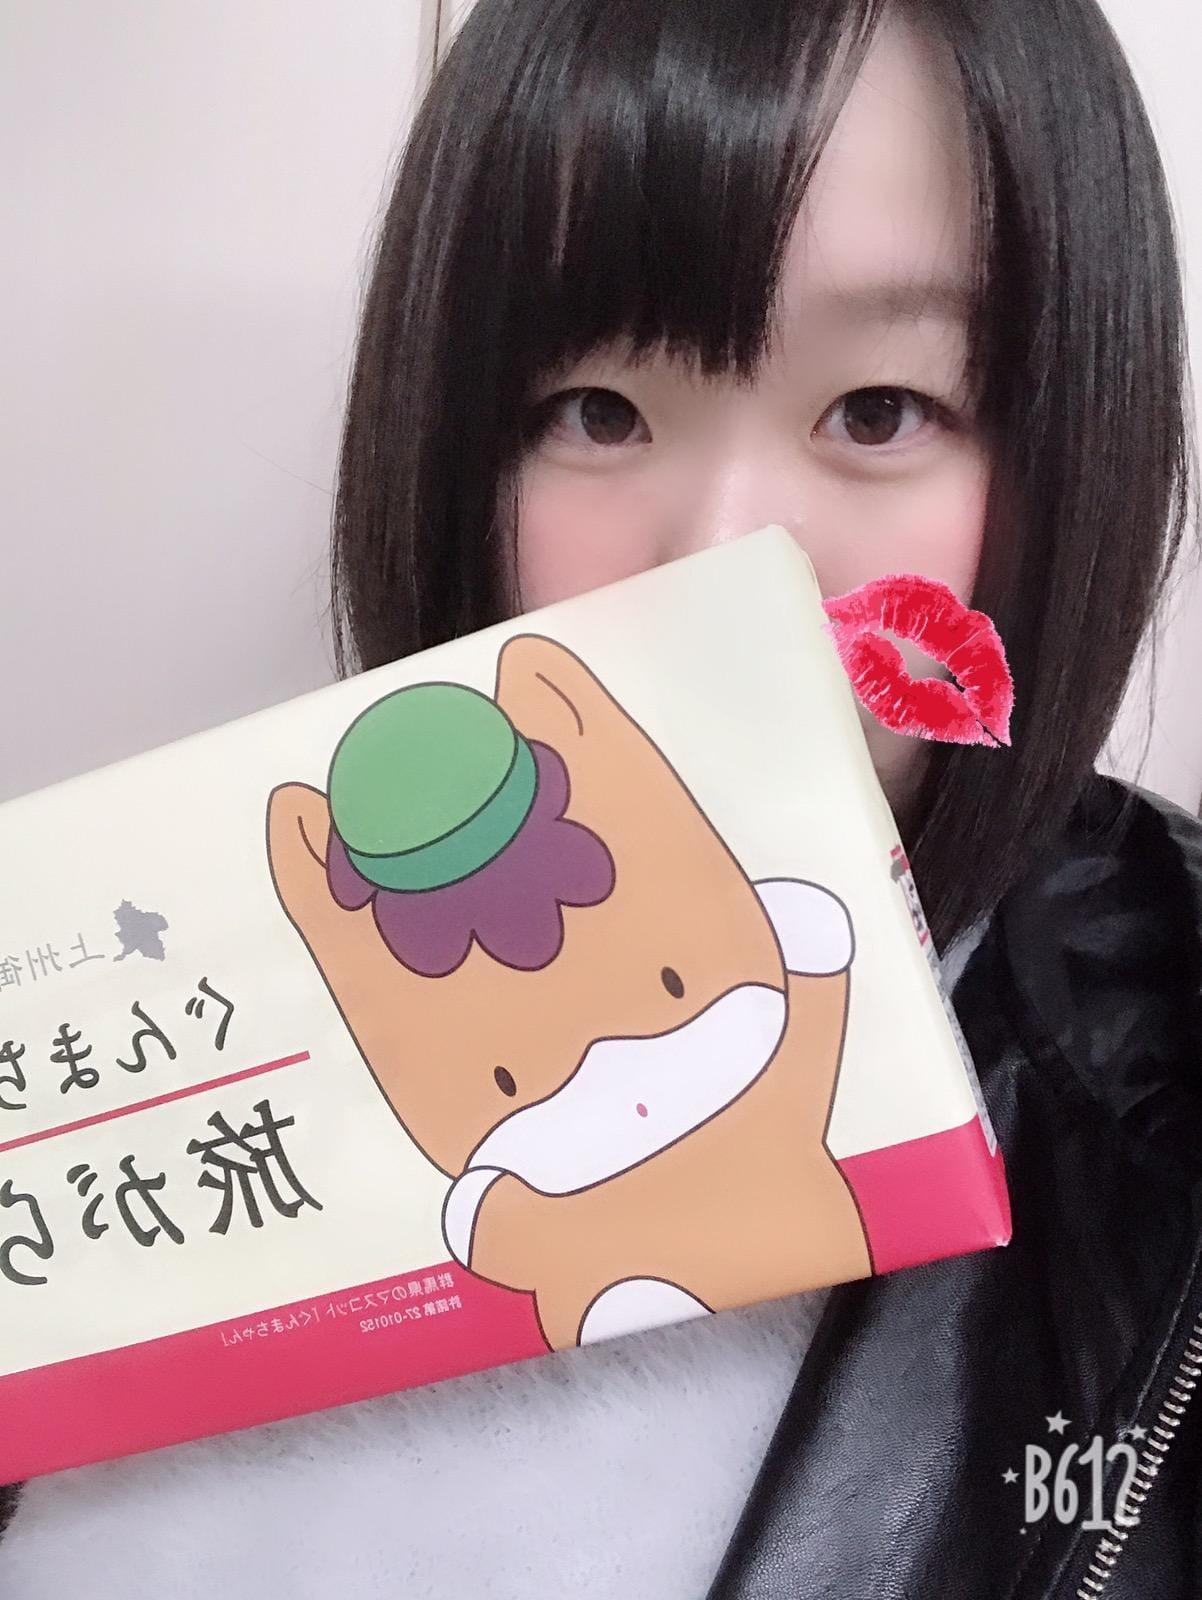 「戻りました」12/07(12/07) 16:44 | はにぃちゃんの写メ・風俗動画